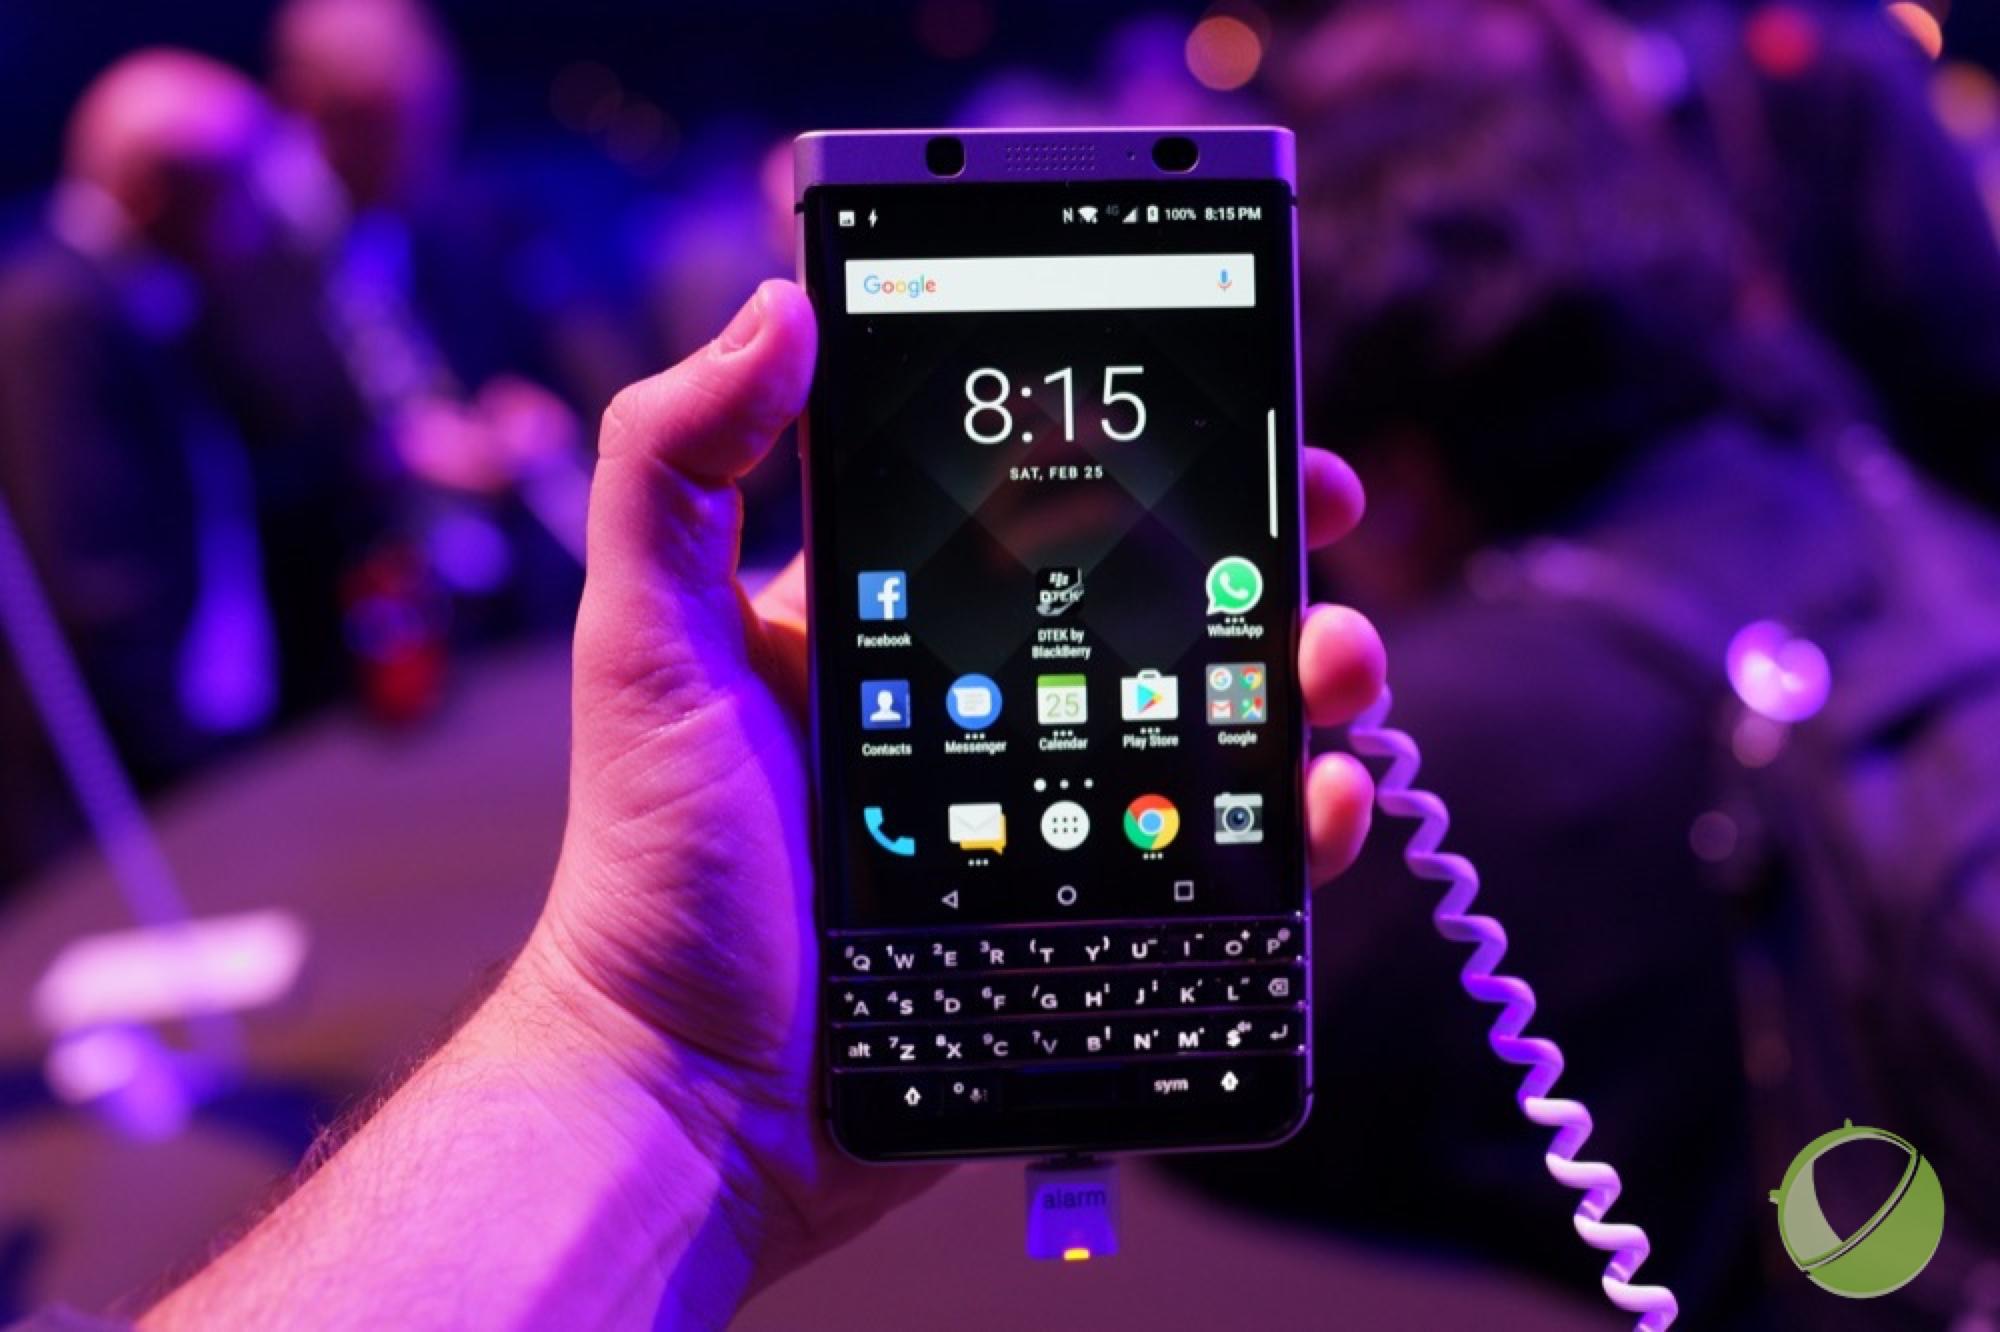 Prise en main du BlackBerry KEYone, la marque et le clavier légendaires sont de retour